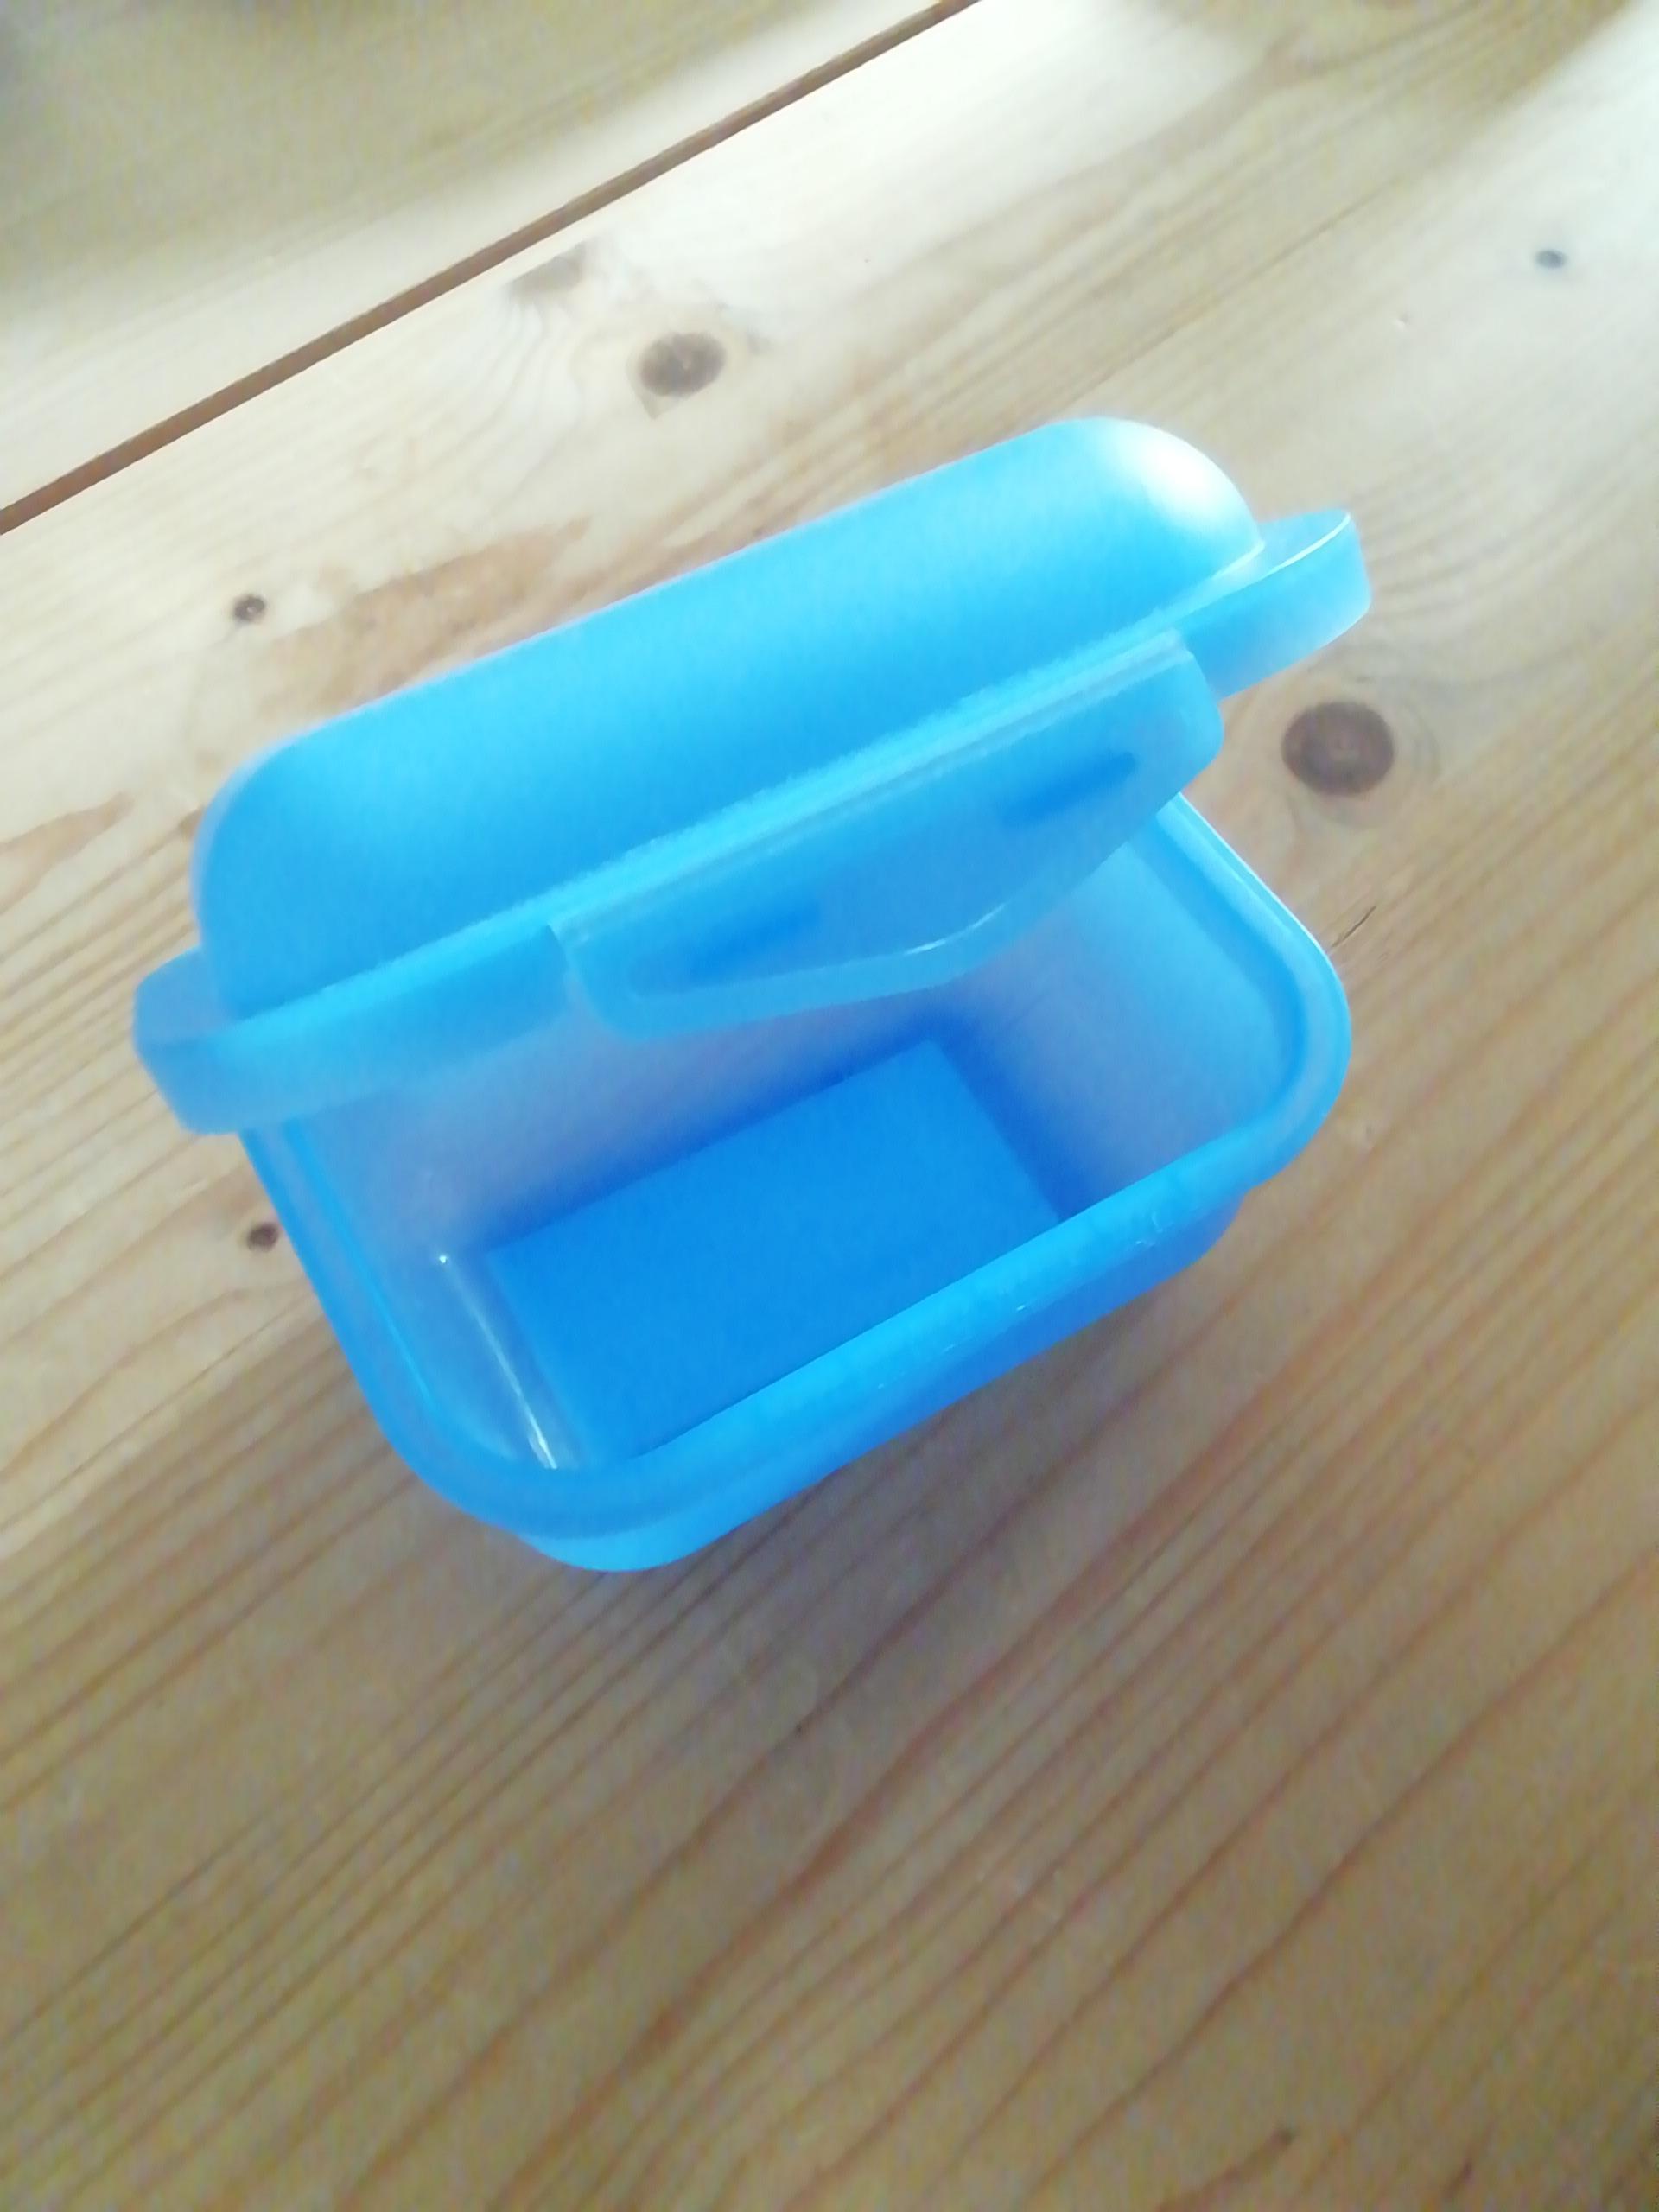 Plastikbehälter  tauschen